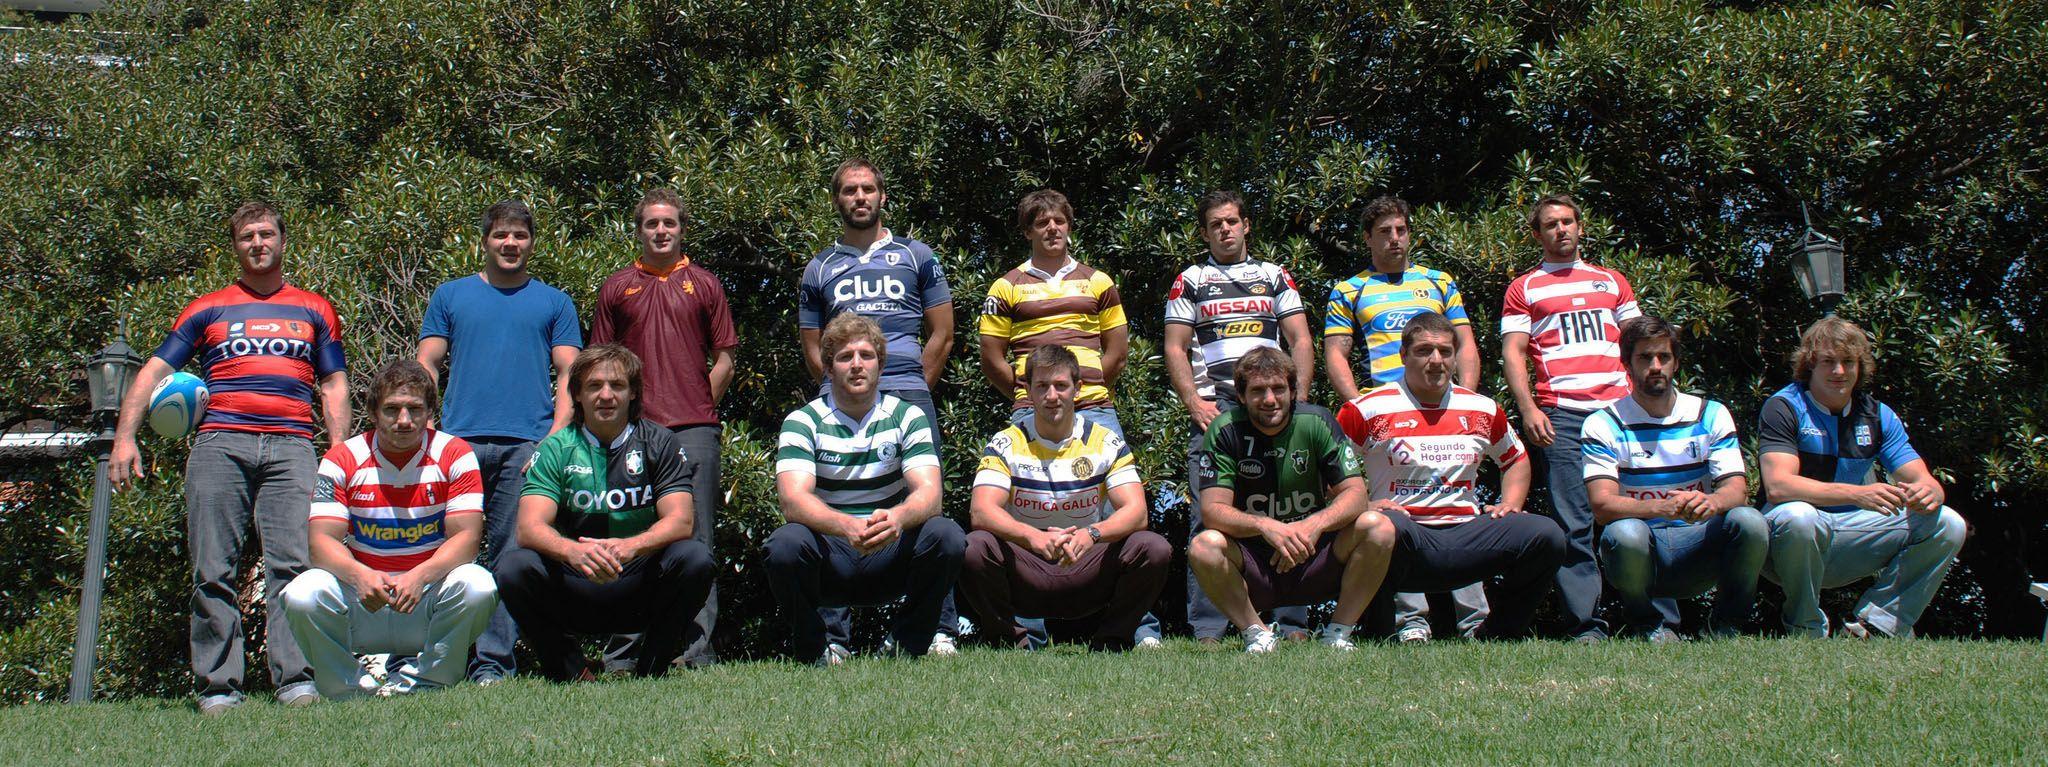 Dieciséis ilusiones. Los capitanes de los equipos participantes posan para la foto oficial.